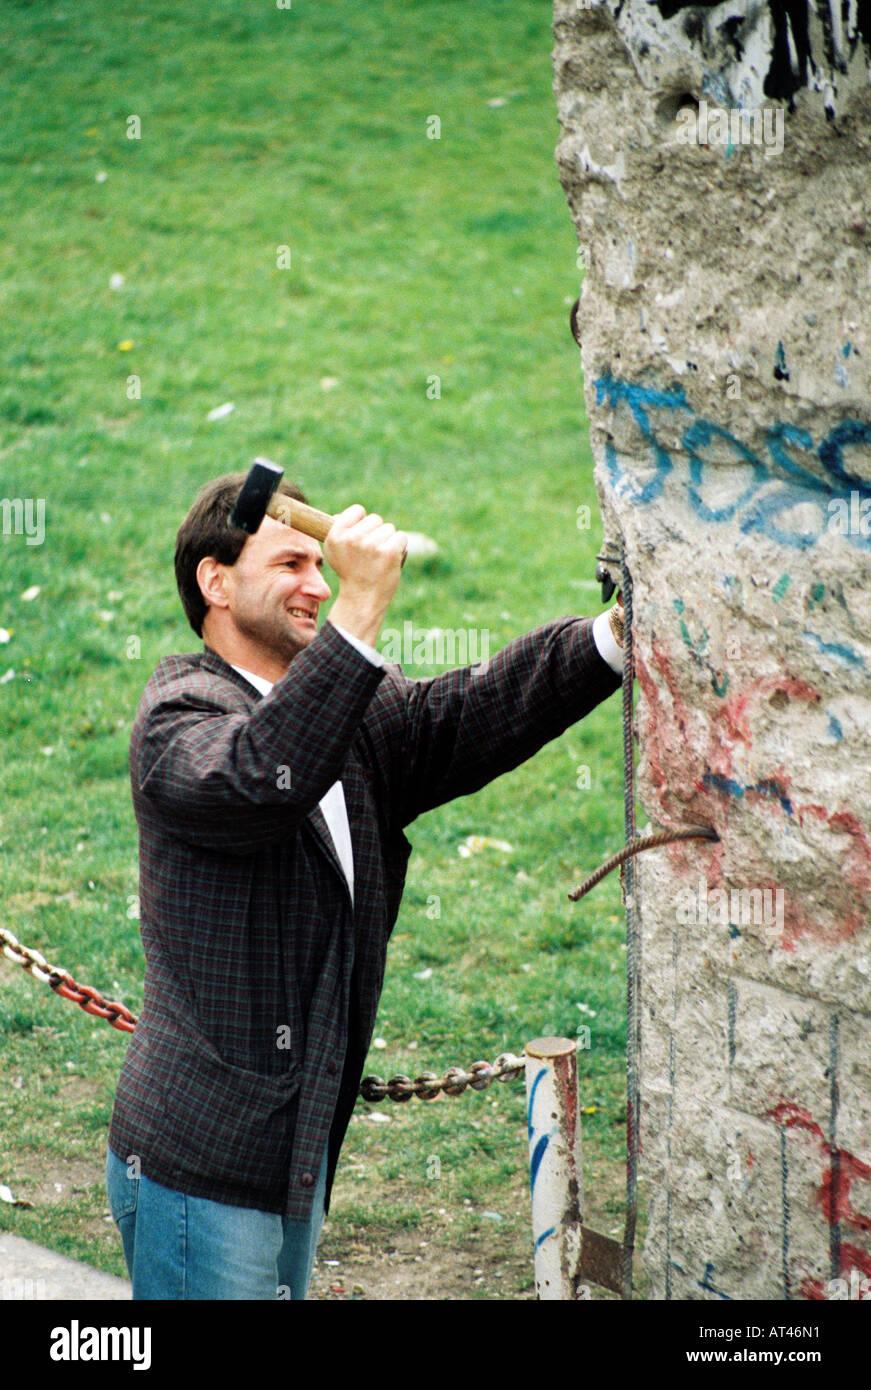 La caduta del muro di Berlino, 1989. Un cacciatore di souvenir taglia pezzi della parete. Foto Stock